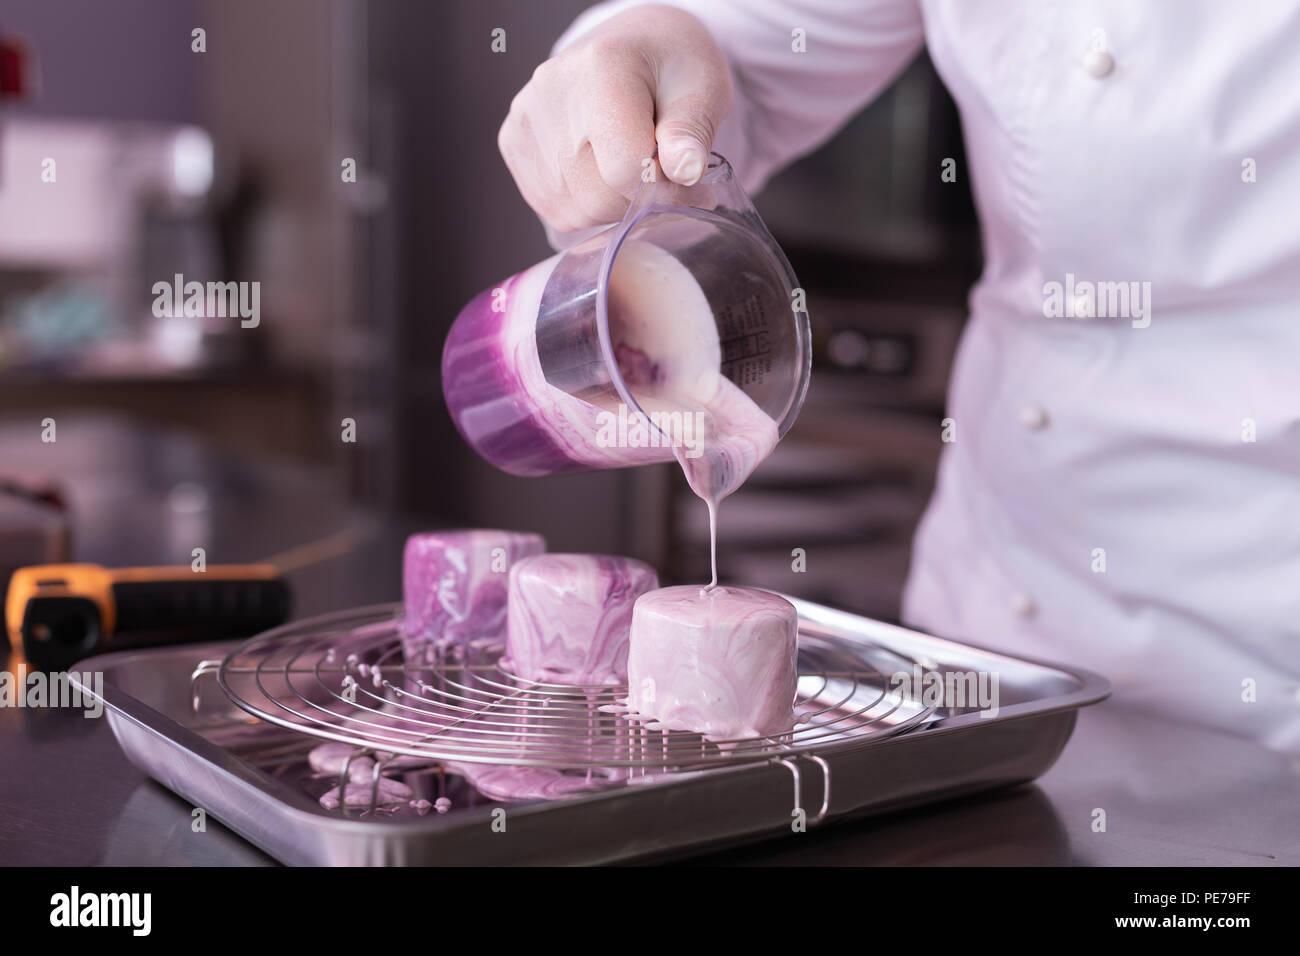 Baker tragen weiße Jacke kochen wenig Obst Kuchen Stockbild